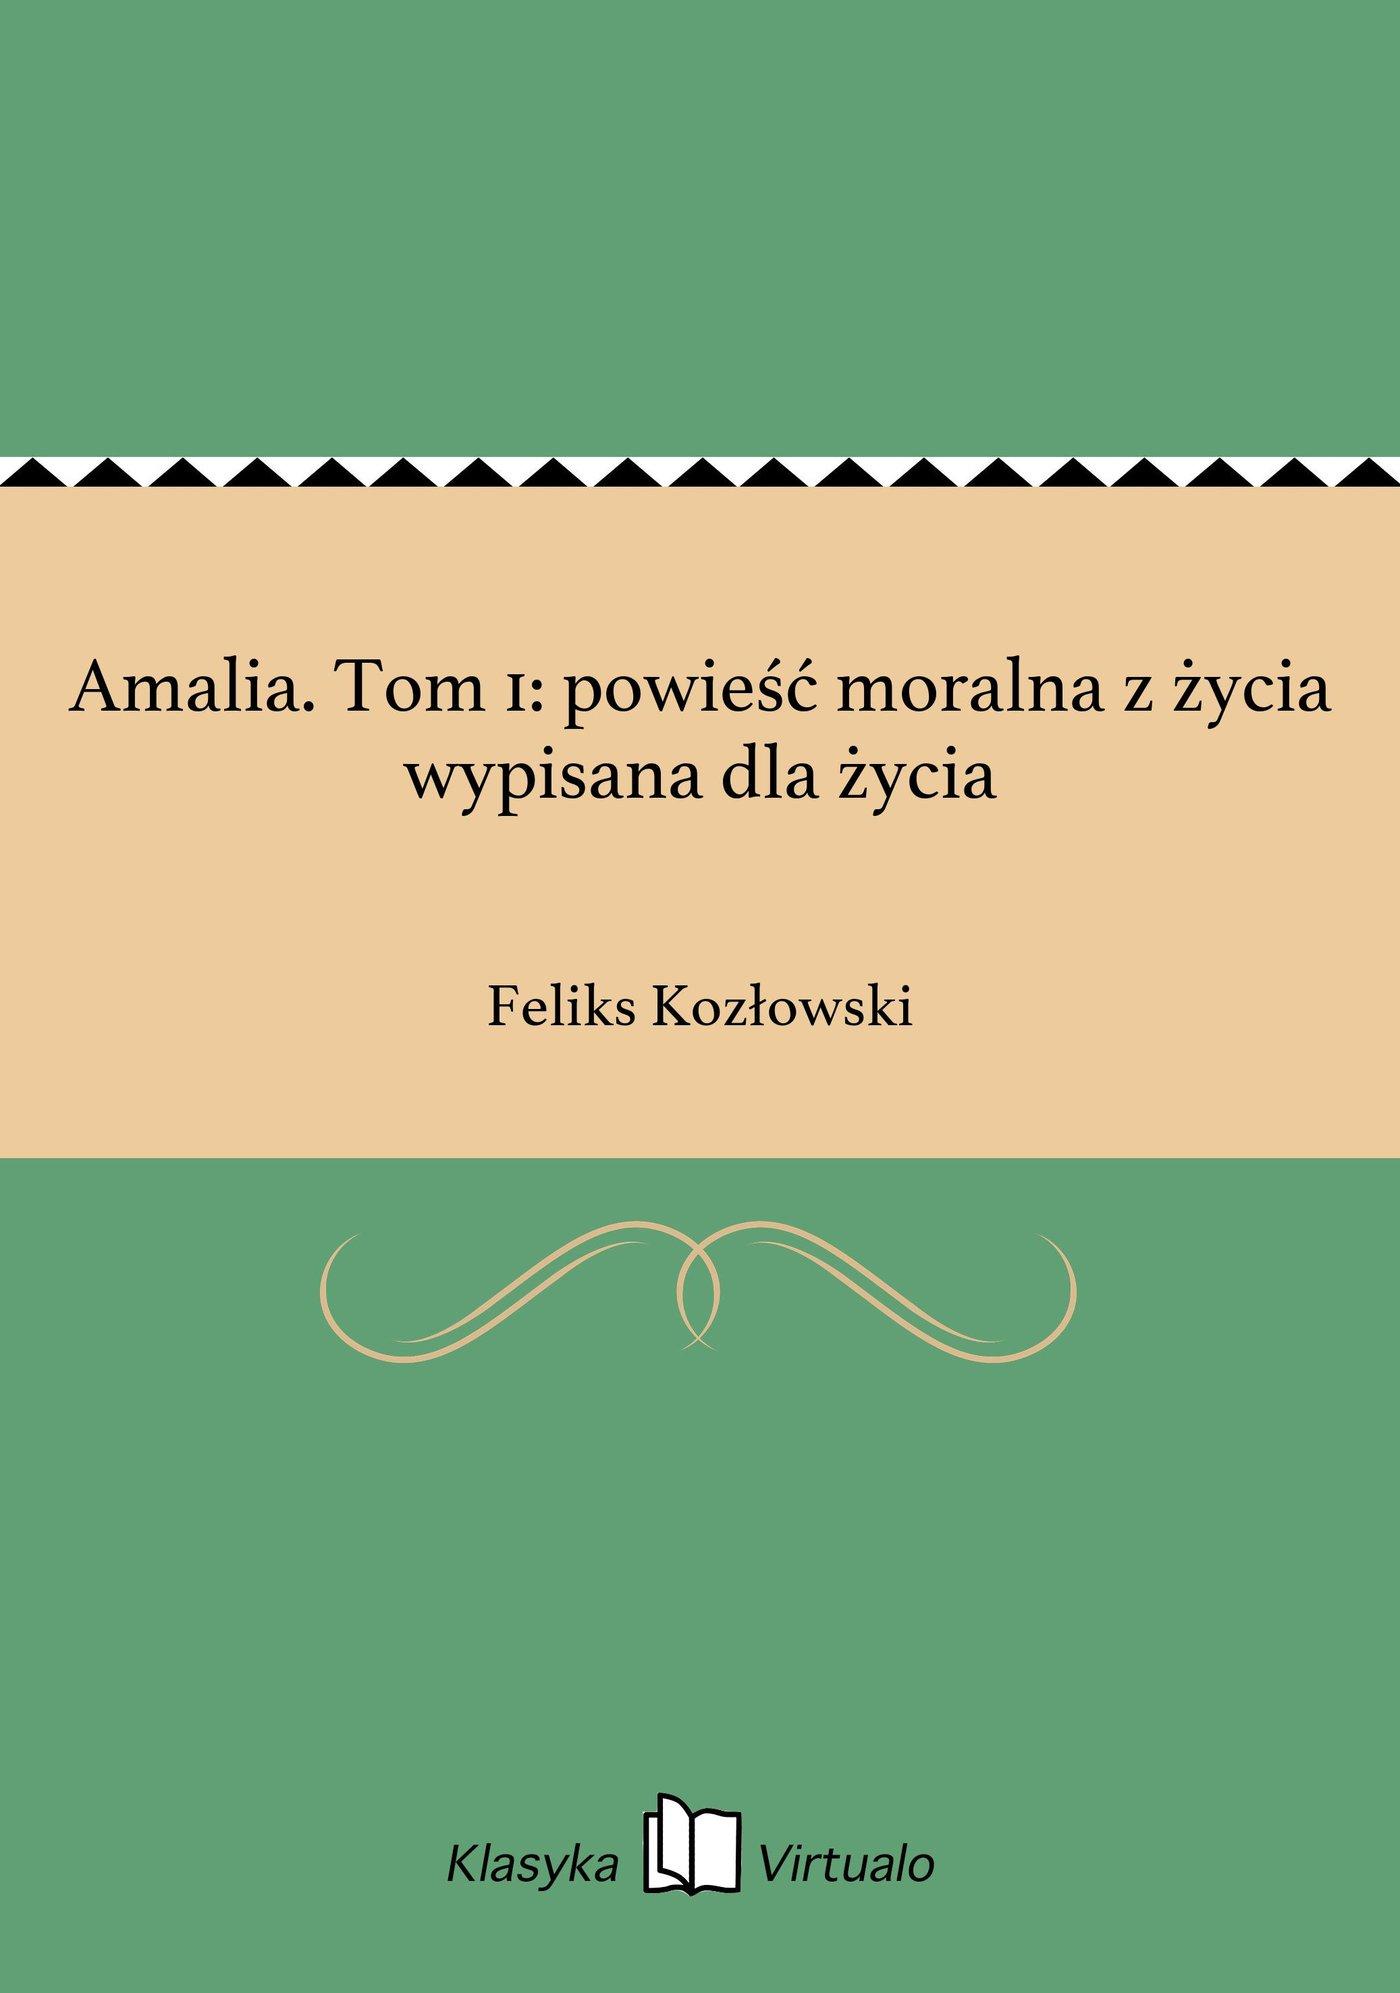 Amalia. Tom 1: powieść moralna z życia wypisana dla życia - Ebook (Książka EPUB) do pobrania w formacie EPUB